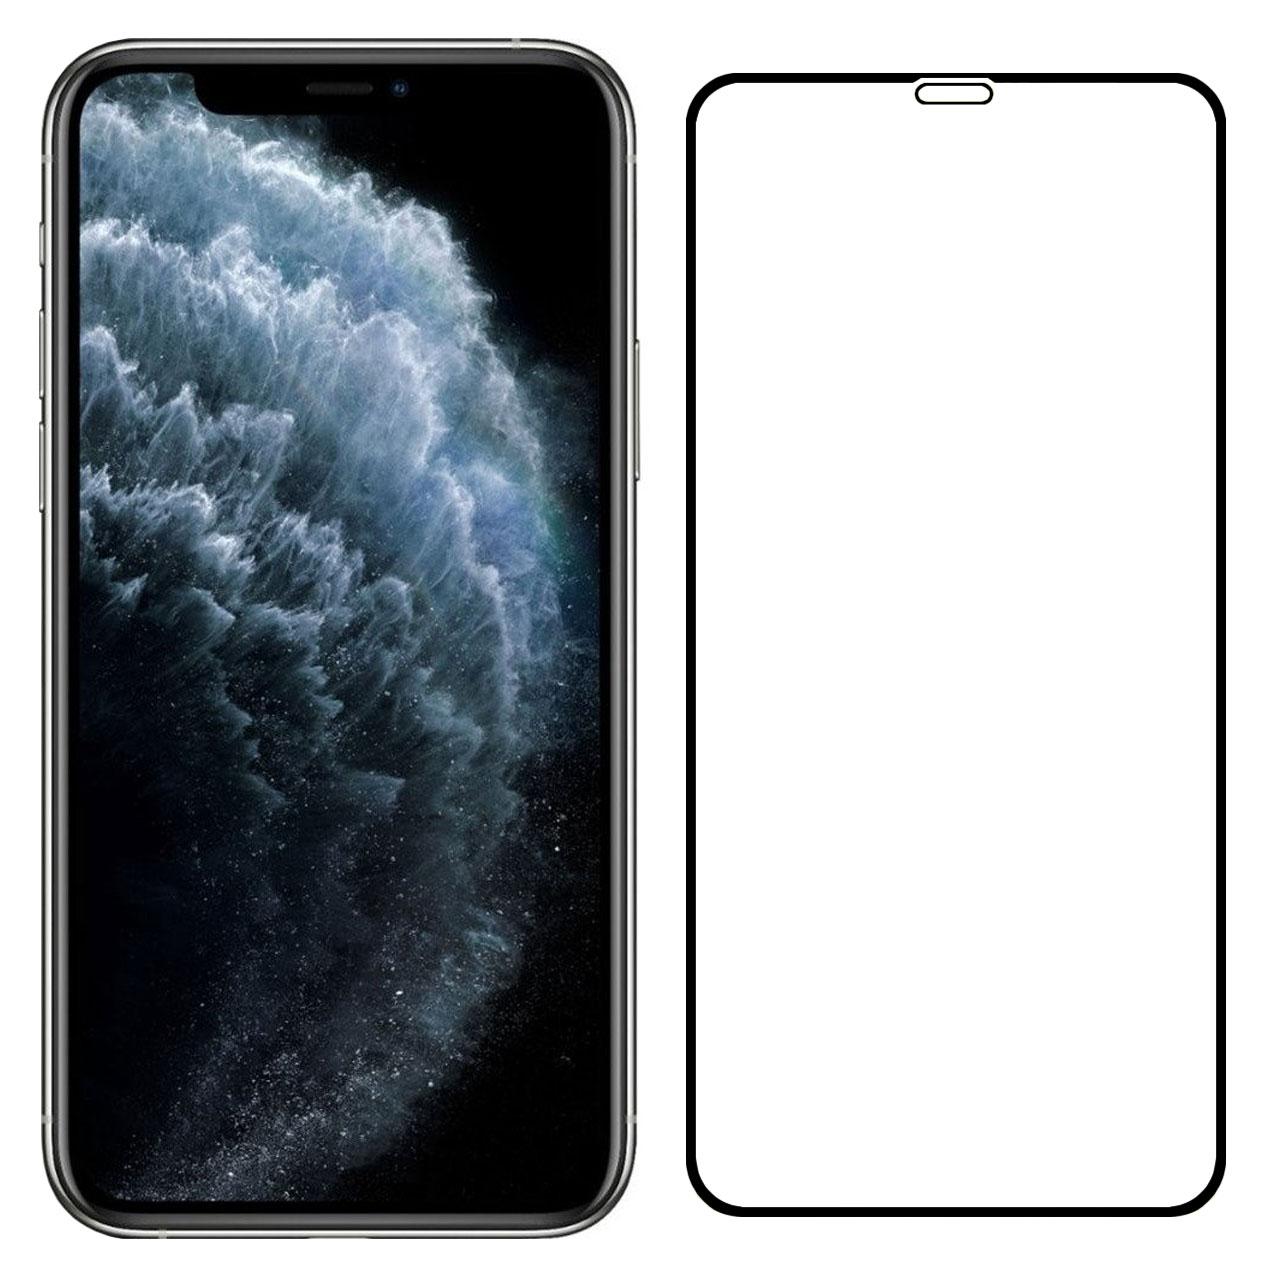 محافظ صفحه نمایش مدل FCG مناسب برای گوشی موبایل اپل iPhone 11 Pro